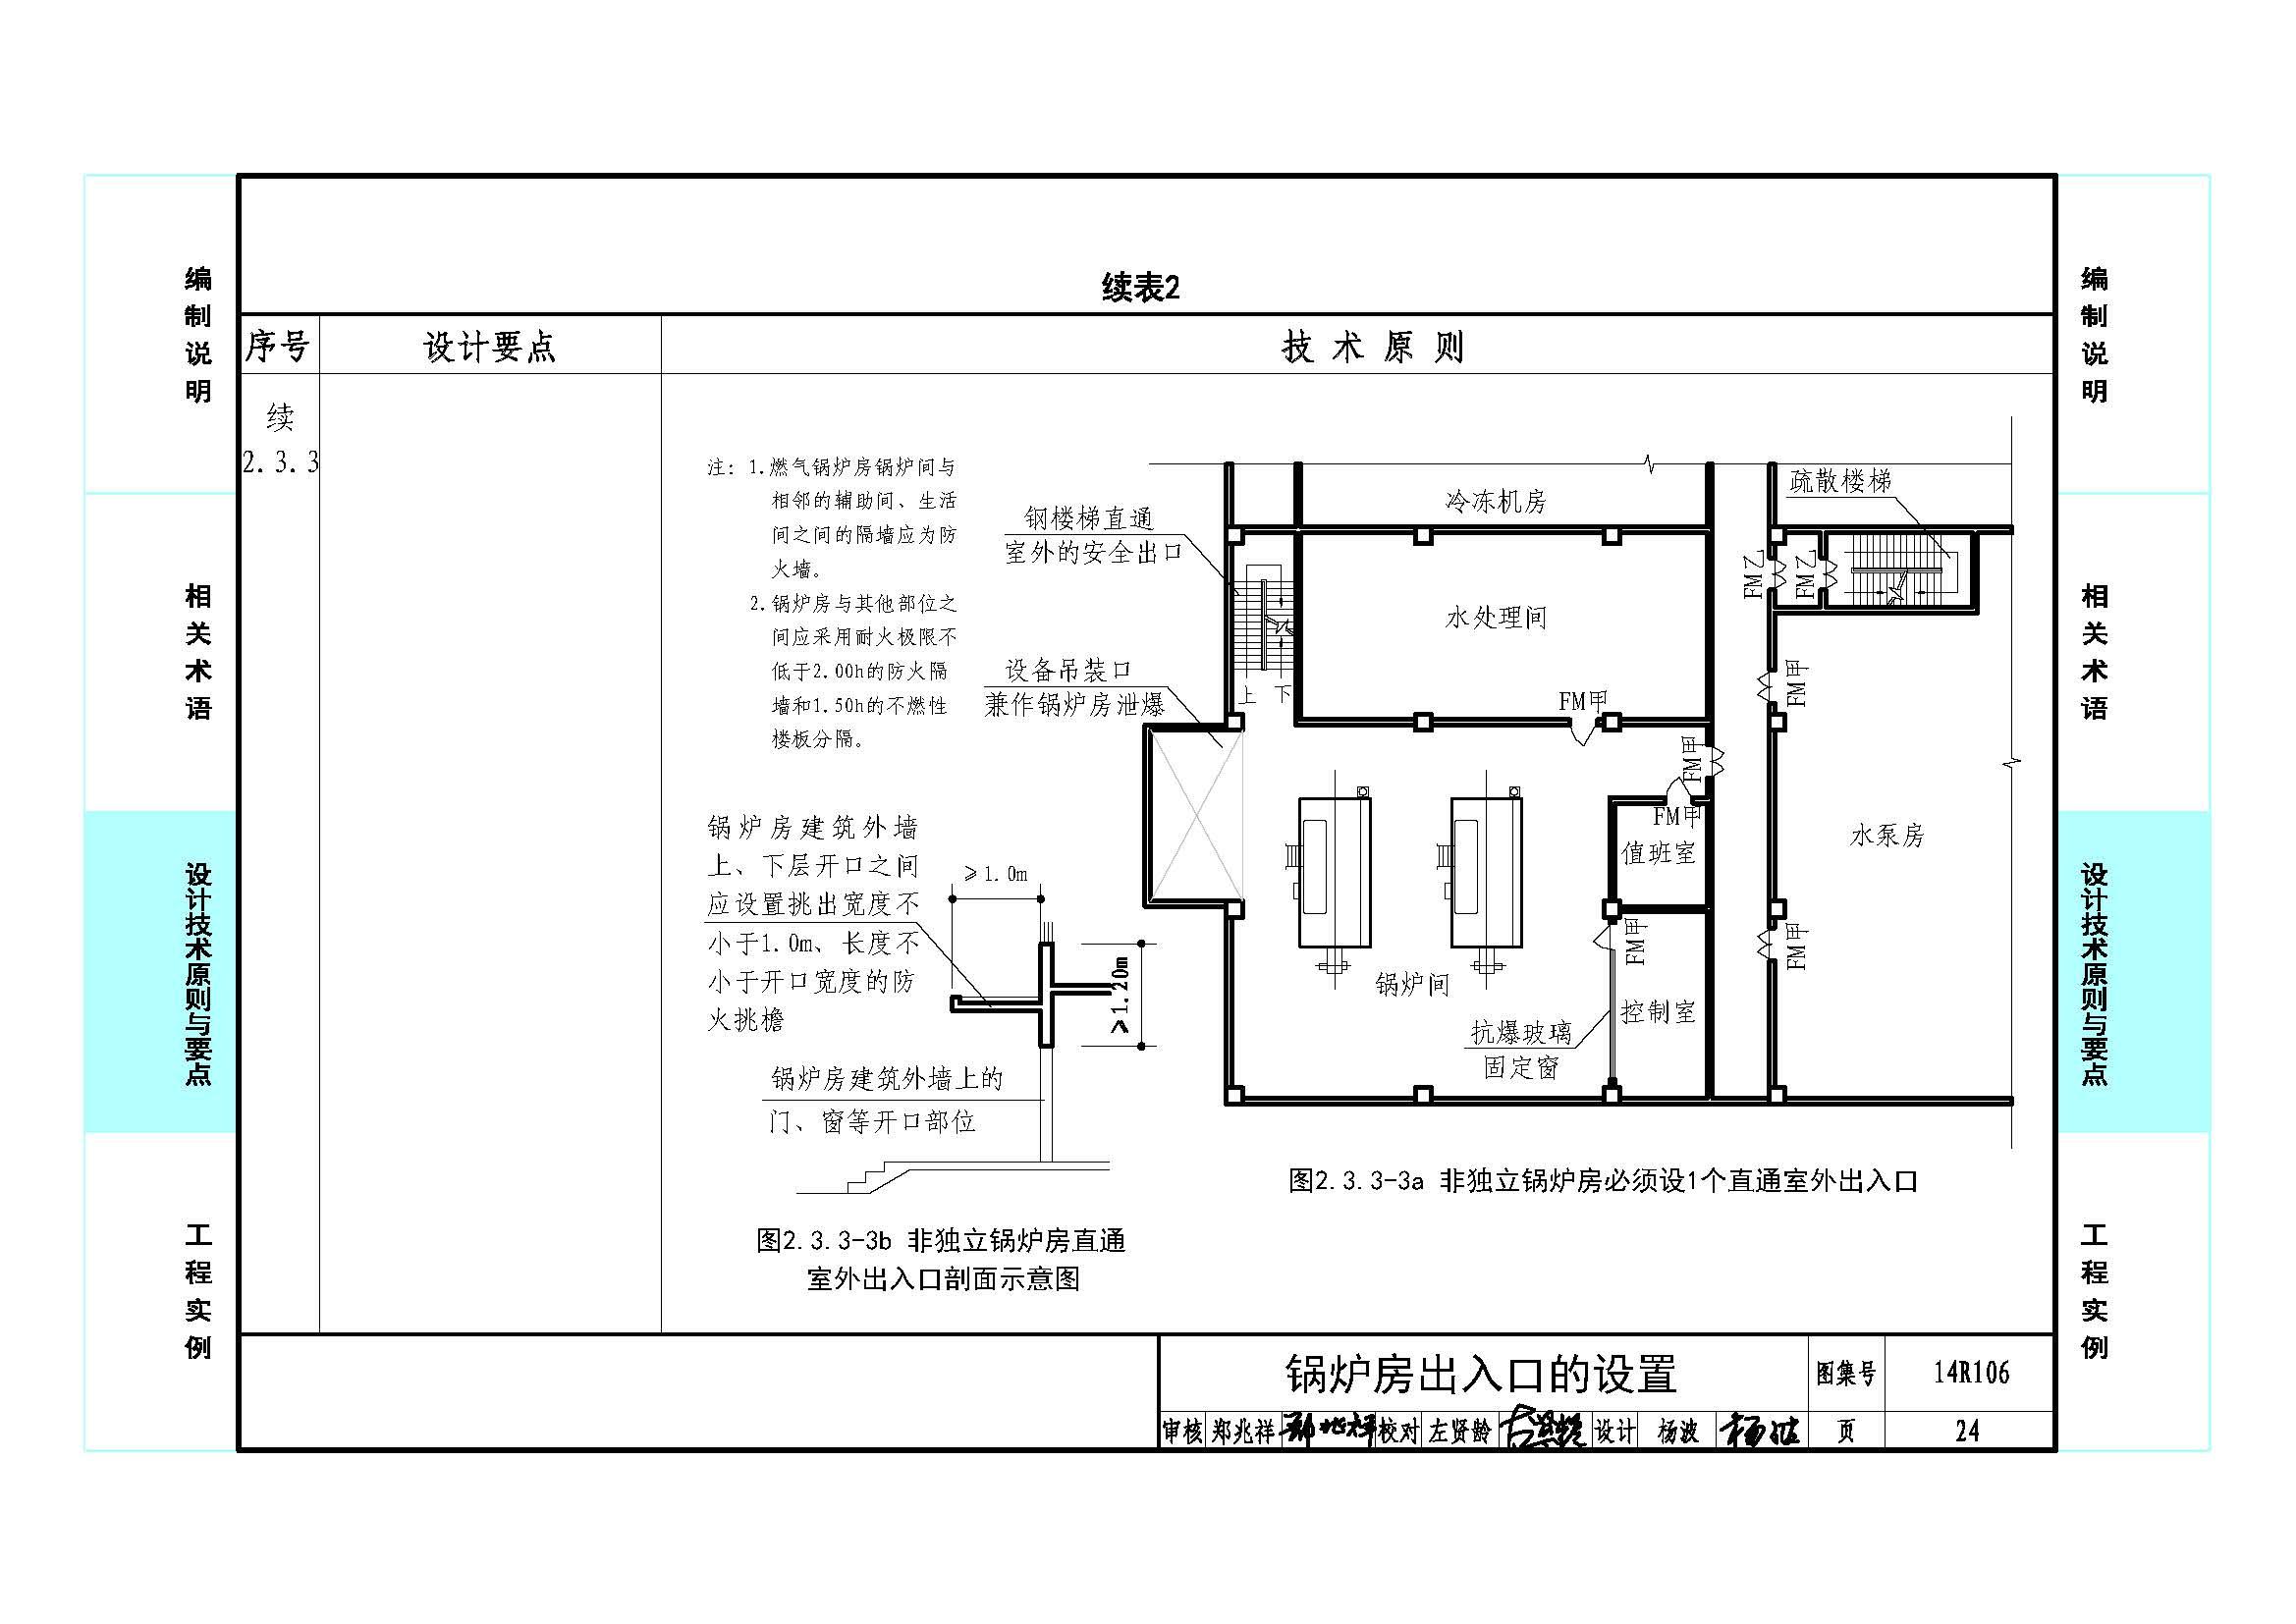 热博竞猜app|官网热博rb88体育nba推荐房设计规范